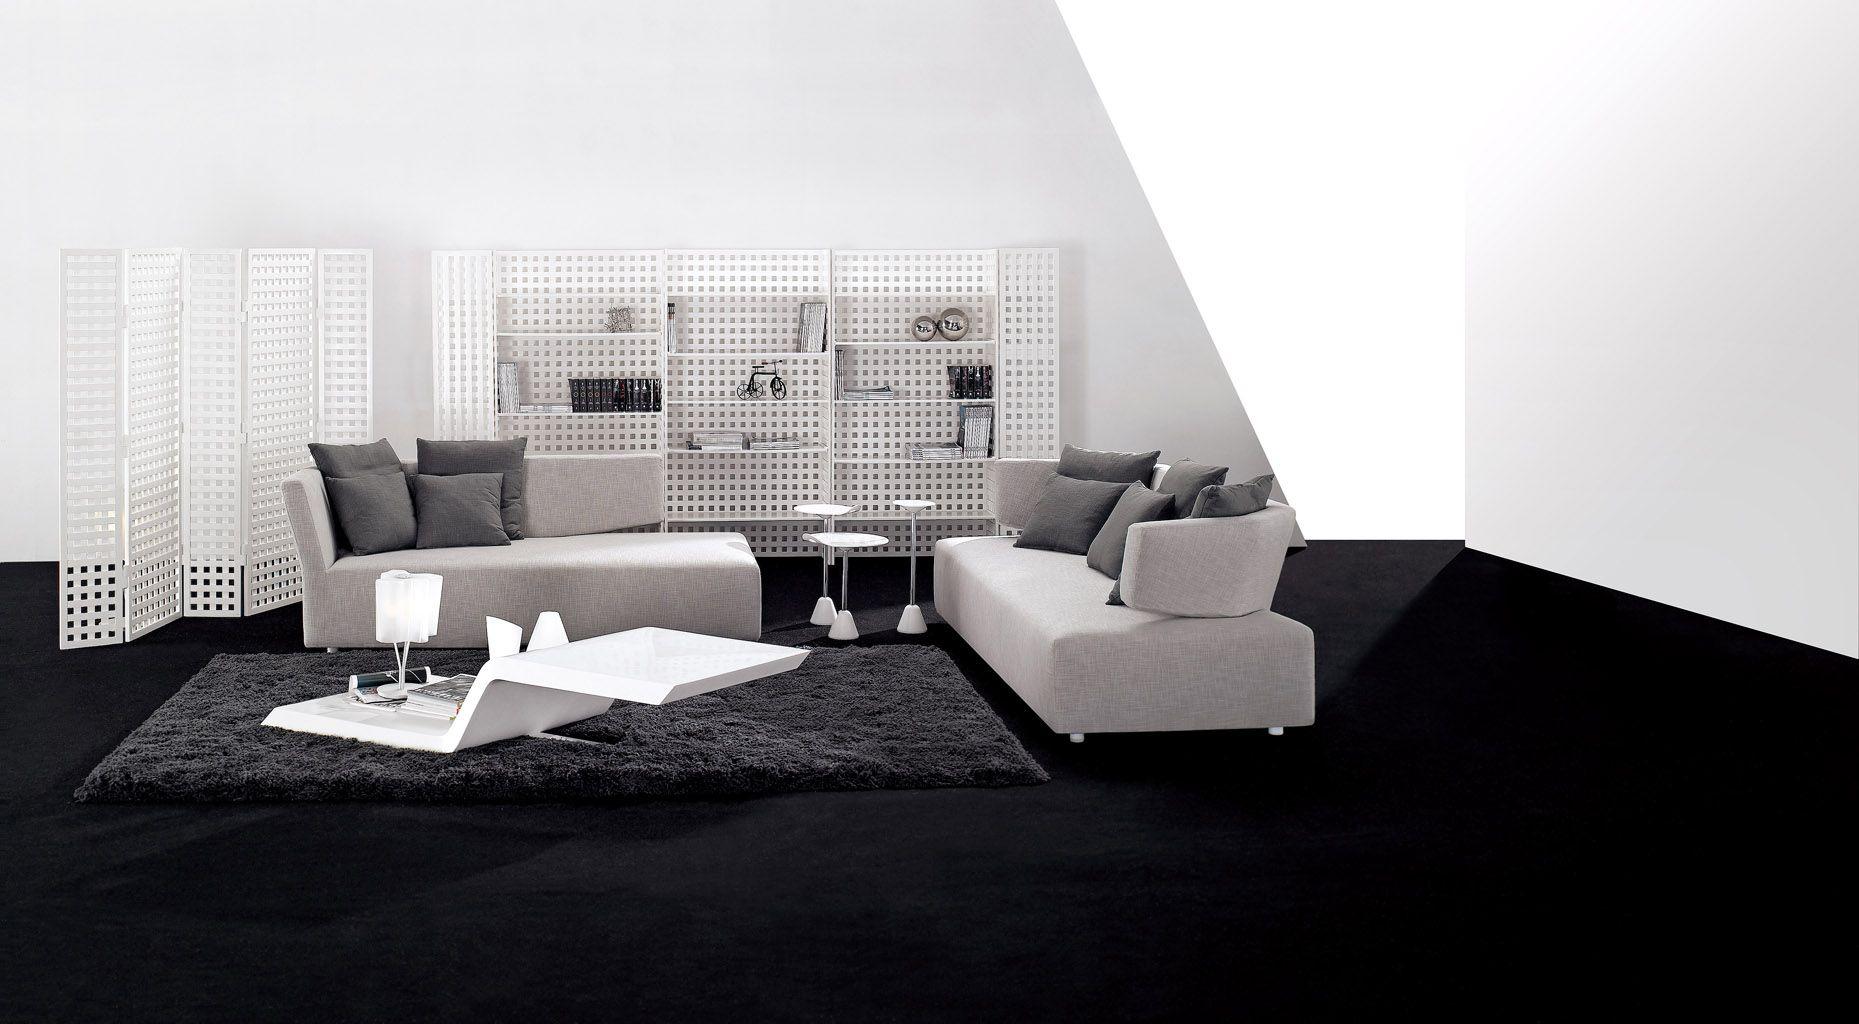 Recliner Sofa Simply Casa us SIMPLY SOFA Contemporary living room modern living room Light gray contemporary